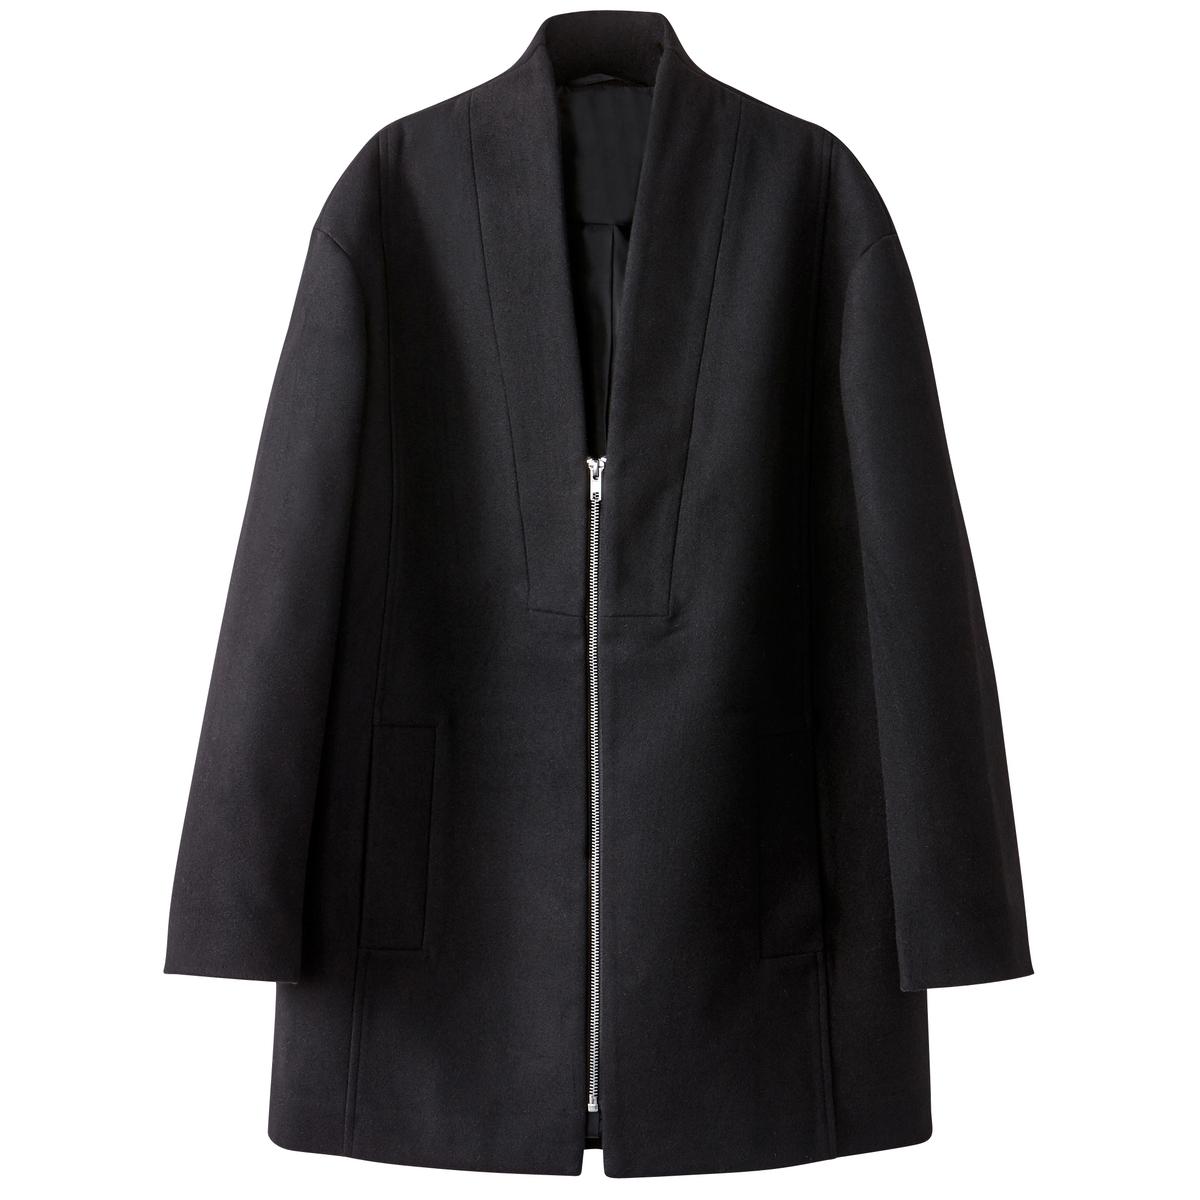 Пальто прямое с глубоким вырезомЧерное стильное пальто. Прямая форма, застежка на молнию . Шалевый воротник с глубоким вырезом . Полностью на подкладке. Детали •  Длина : средняя •  Без воротника •  Застежка на молниюСостав и уход •  93% полиэстера, 6% вискозы, 1% эластана •  Подкладка : 100% полиэстер •  Температура стирки при 30° на деликатном режиме   •  Сухая чистка и отбеливатели запрещены •  Не использовать барабанную сушку   •  Низкая температура глажки •  Длина : 80 см<br><br>Цвет: черный<br>Размер: 48 (FR) - 54 (RUS).42 (FR) - 48 (RUS).36 (FR) - 42 (RUS).44 (FR) - 50 (RUS).40 (FR) - 46 (RUS).38 (FR) - 44 (RUS)